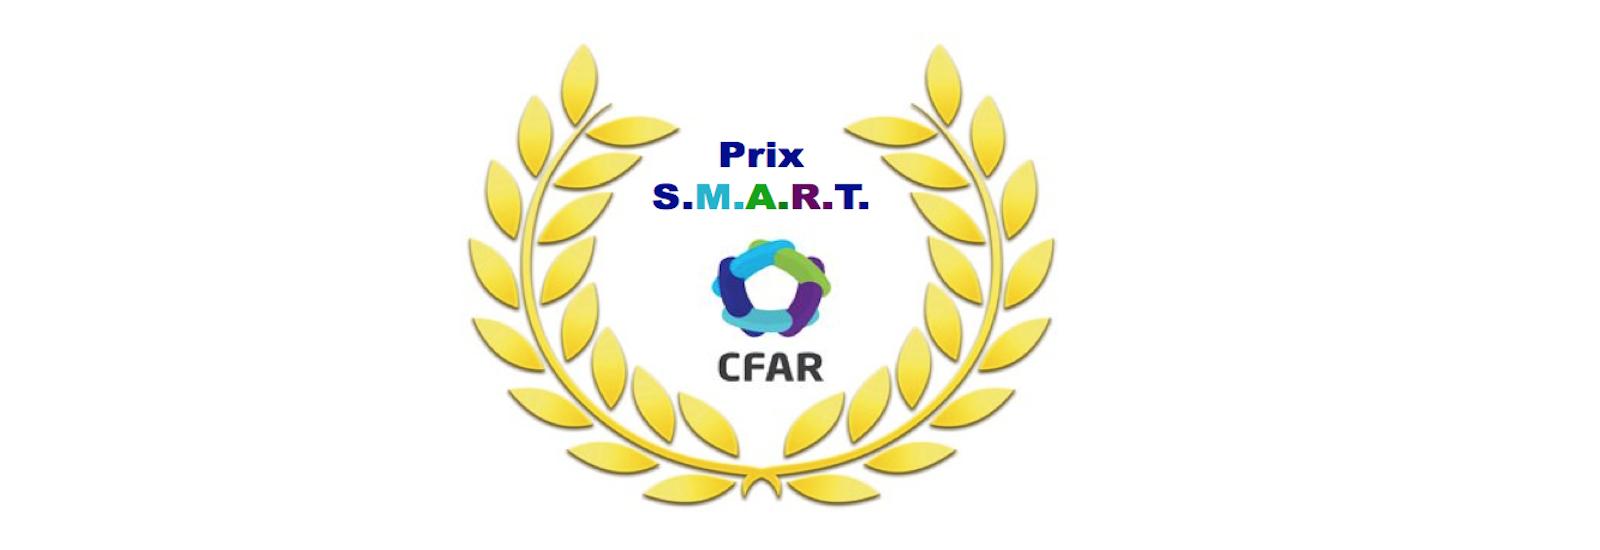 Prix SMART-CFAR : postulez avant le 19 novembre !